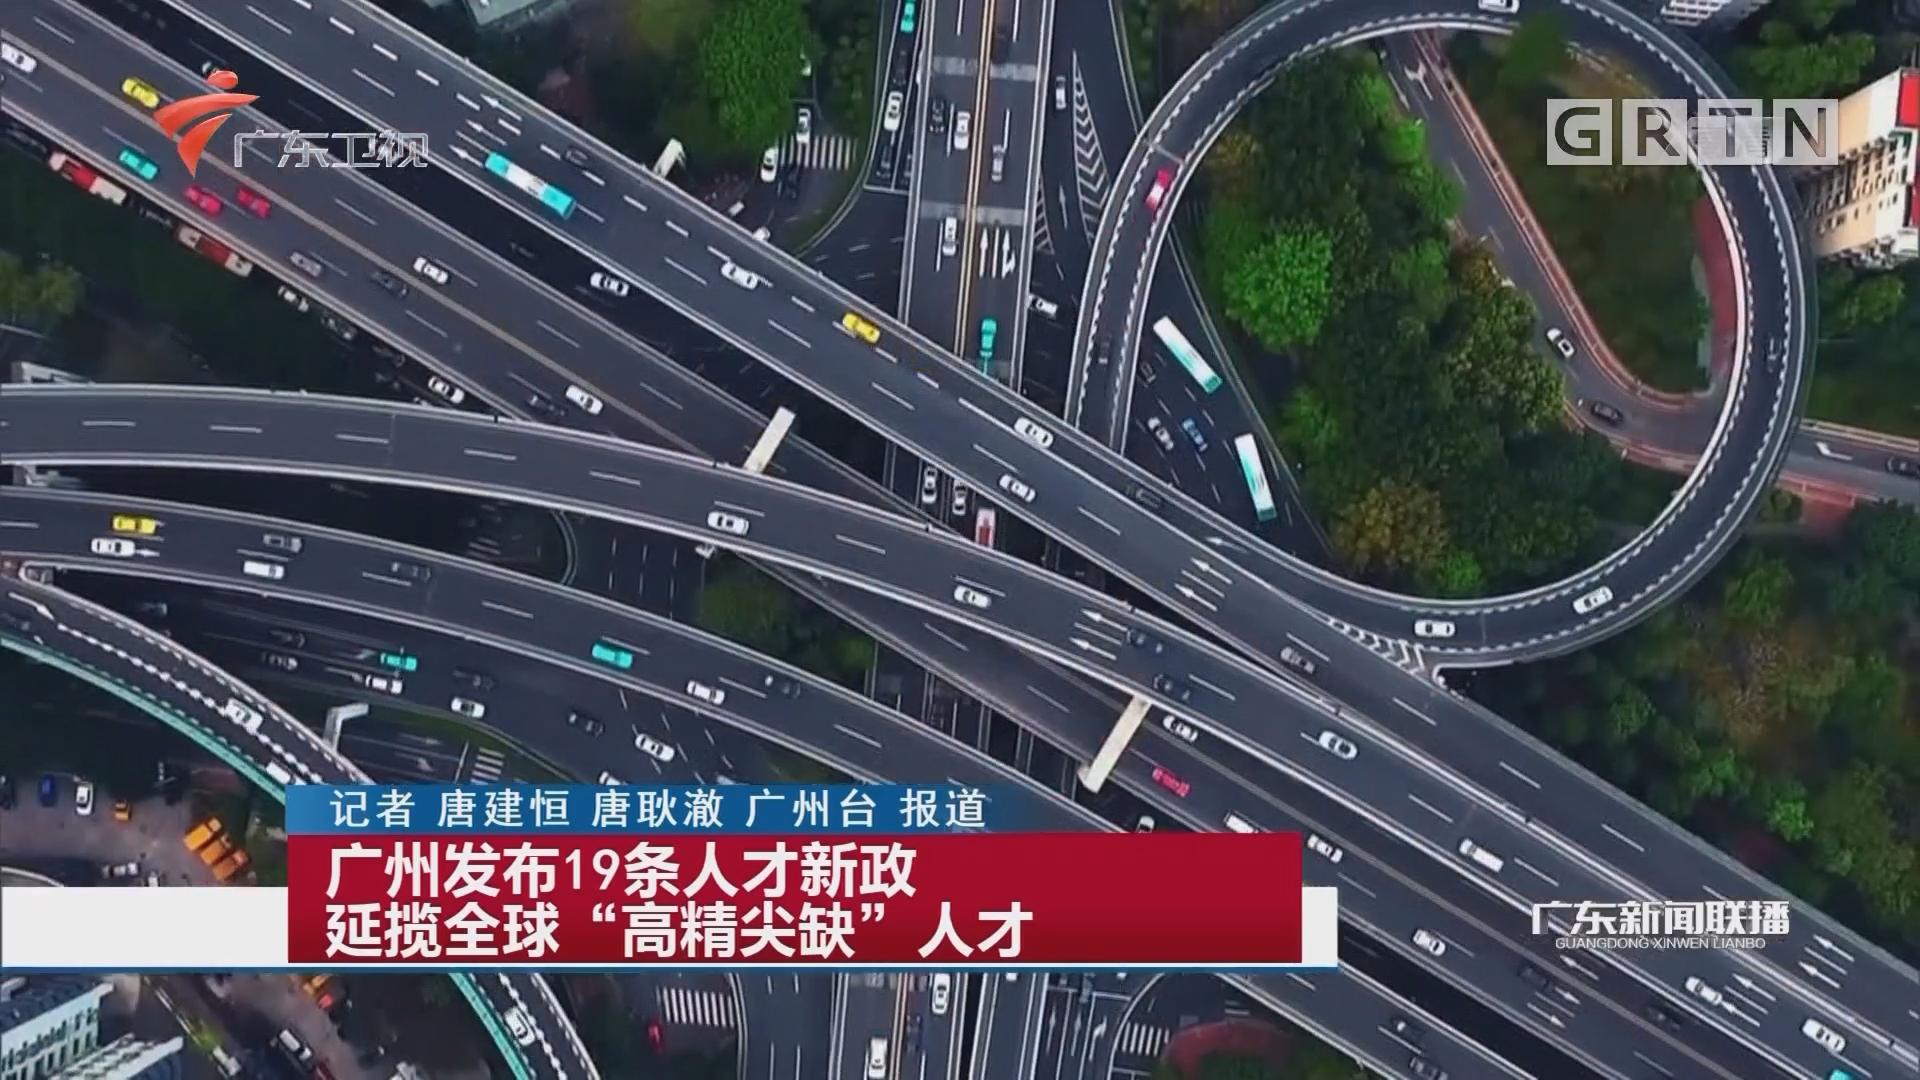 """广州发布19条人才新政 延揽全球""""高精尖缺""""人才"""